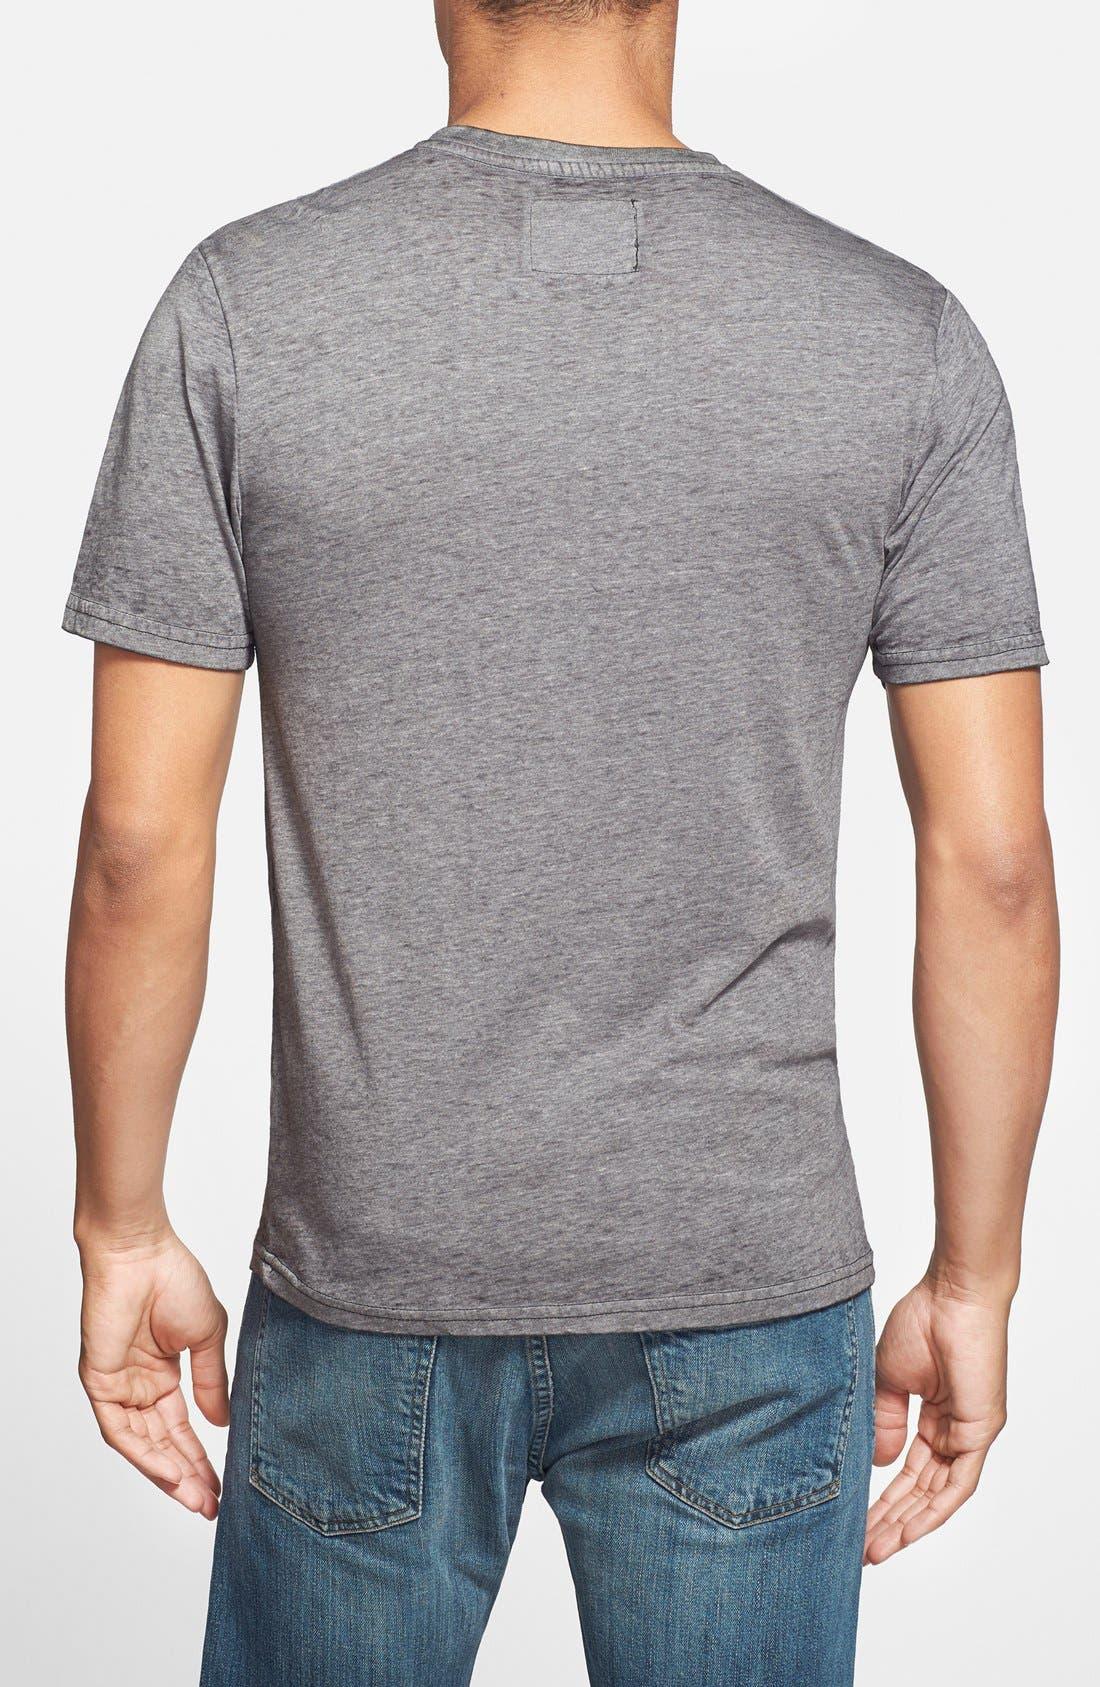 Alternate Image 2  - Red Jacket Trim Fit V-Neck T-Shirt